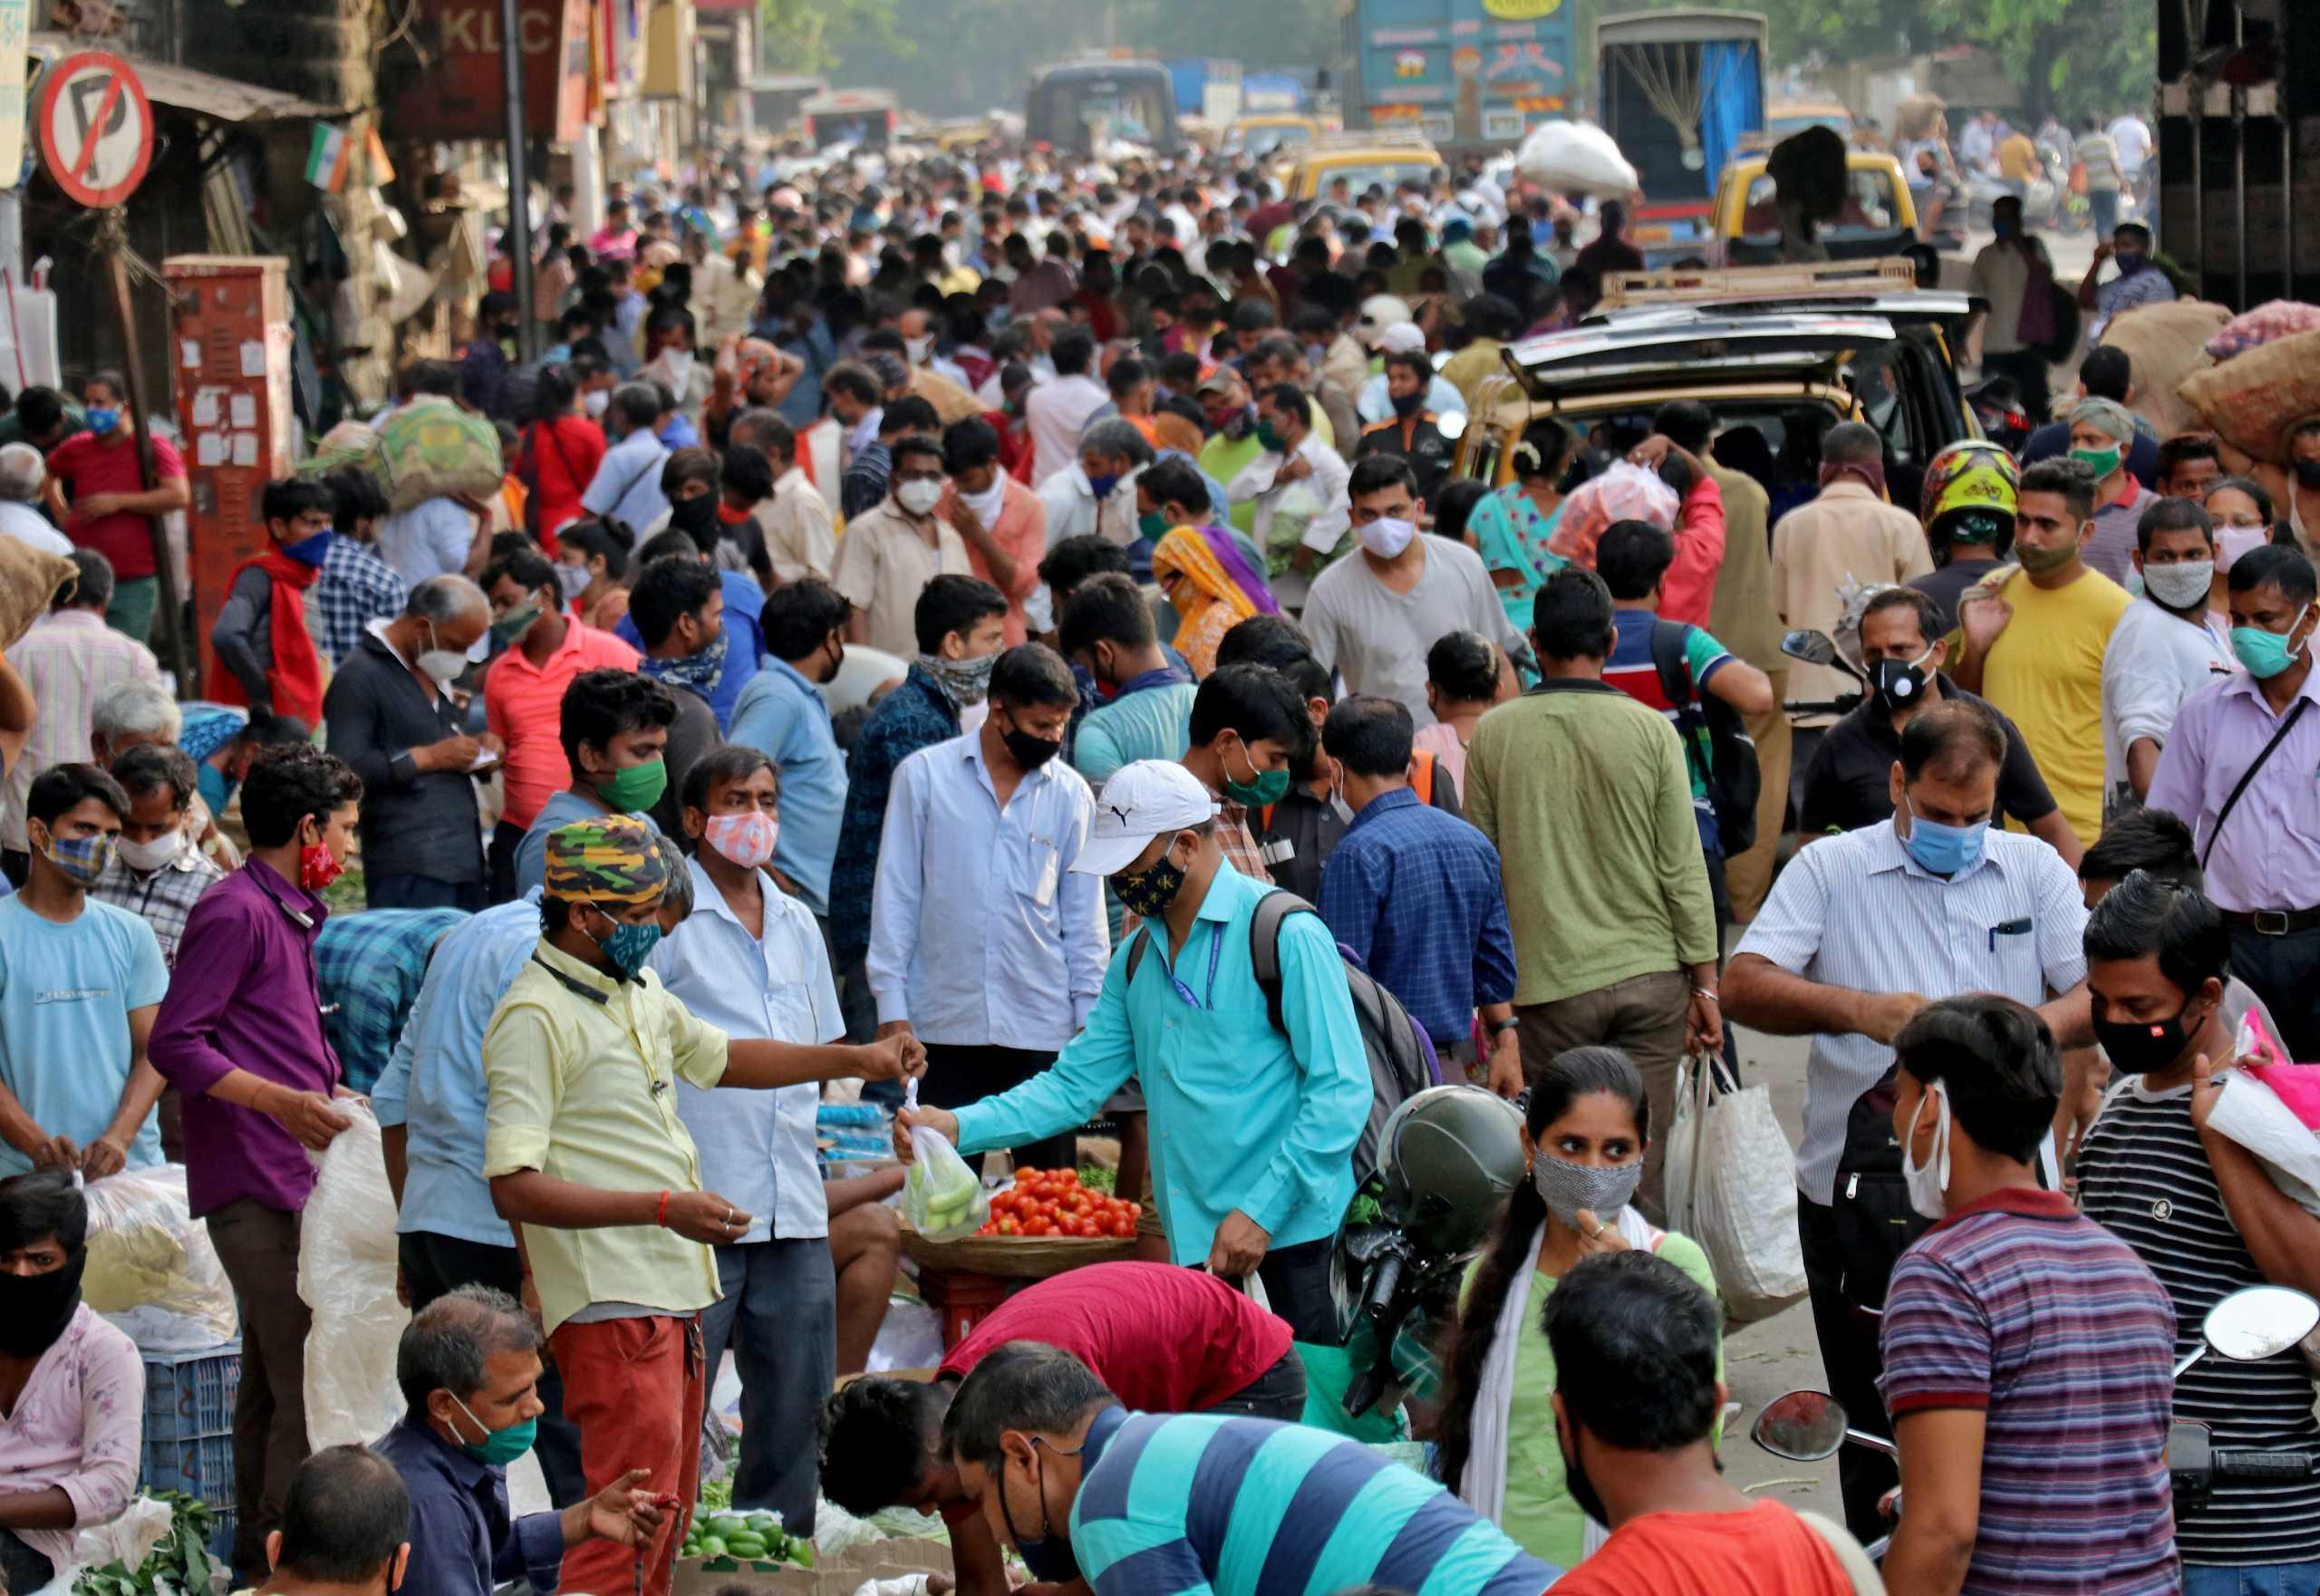 Ινδία: Νέα «παγωμάρα»! Ρεκόρ με πάνω από 295.000 κρούσματα κορονοϊού σε 24 ώρες